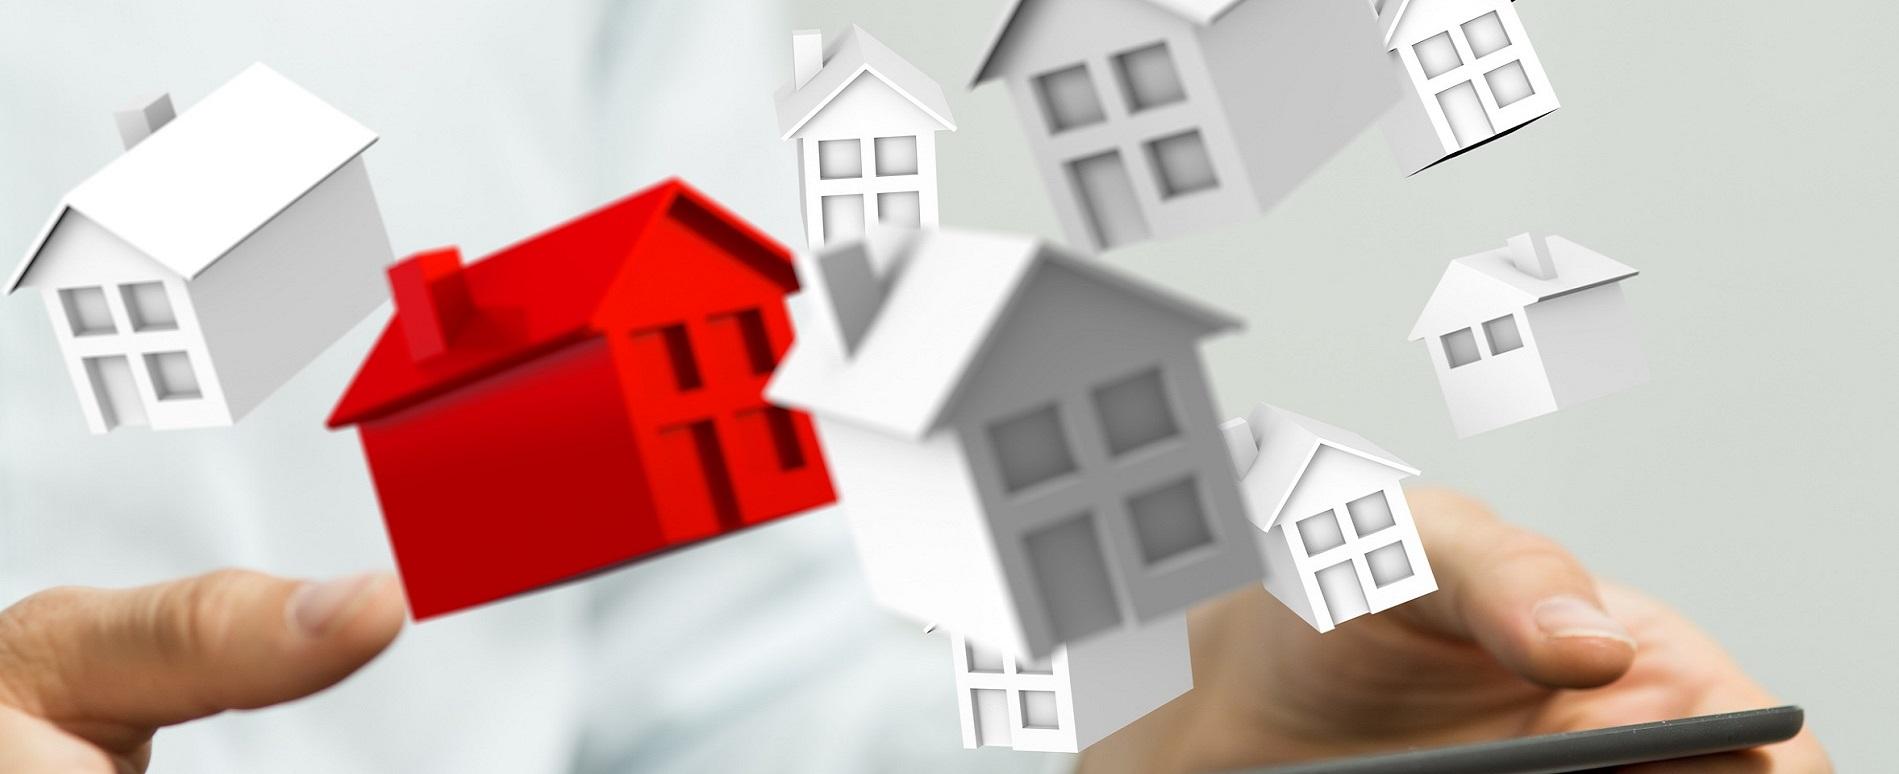 Agence immobilière : Comment vendre la maison ?